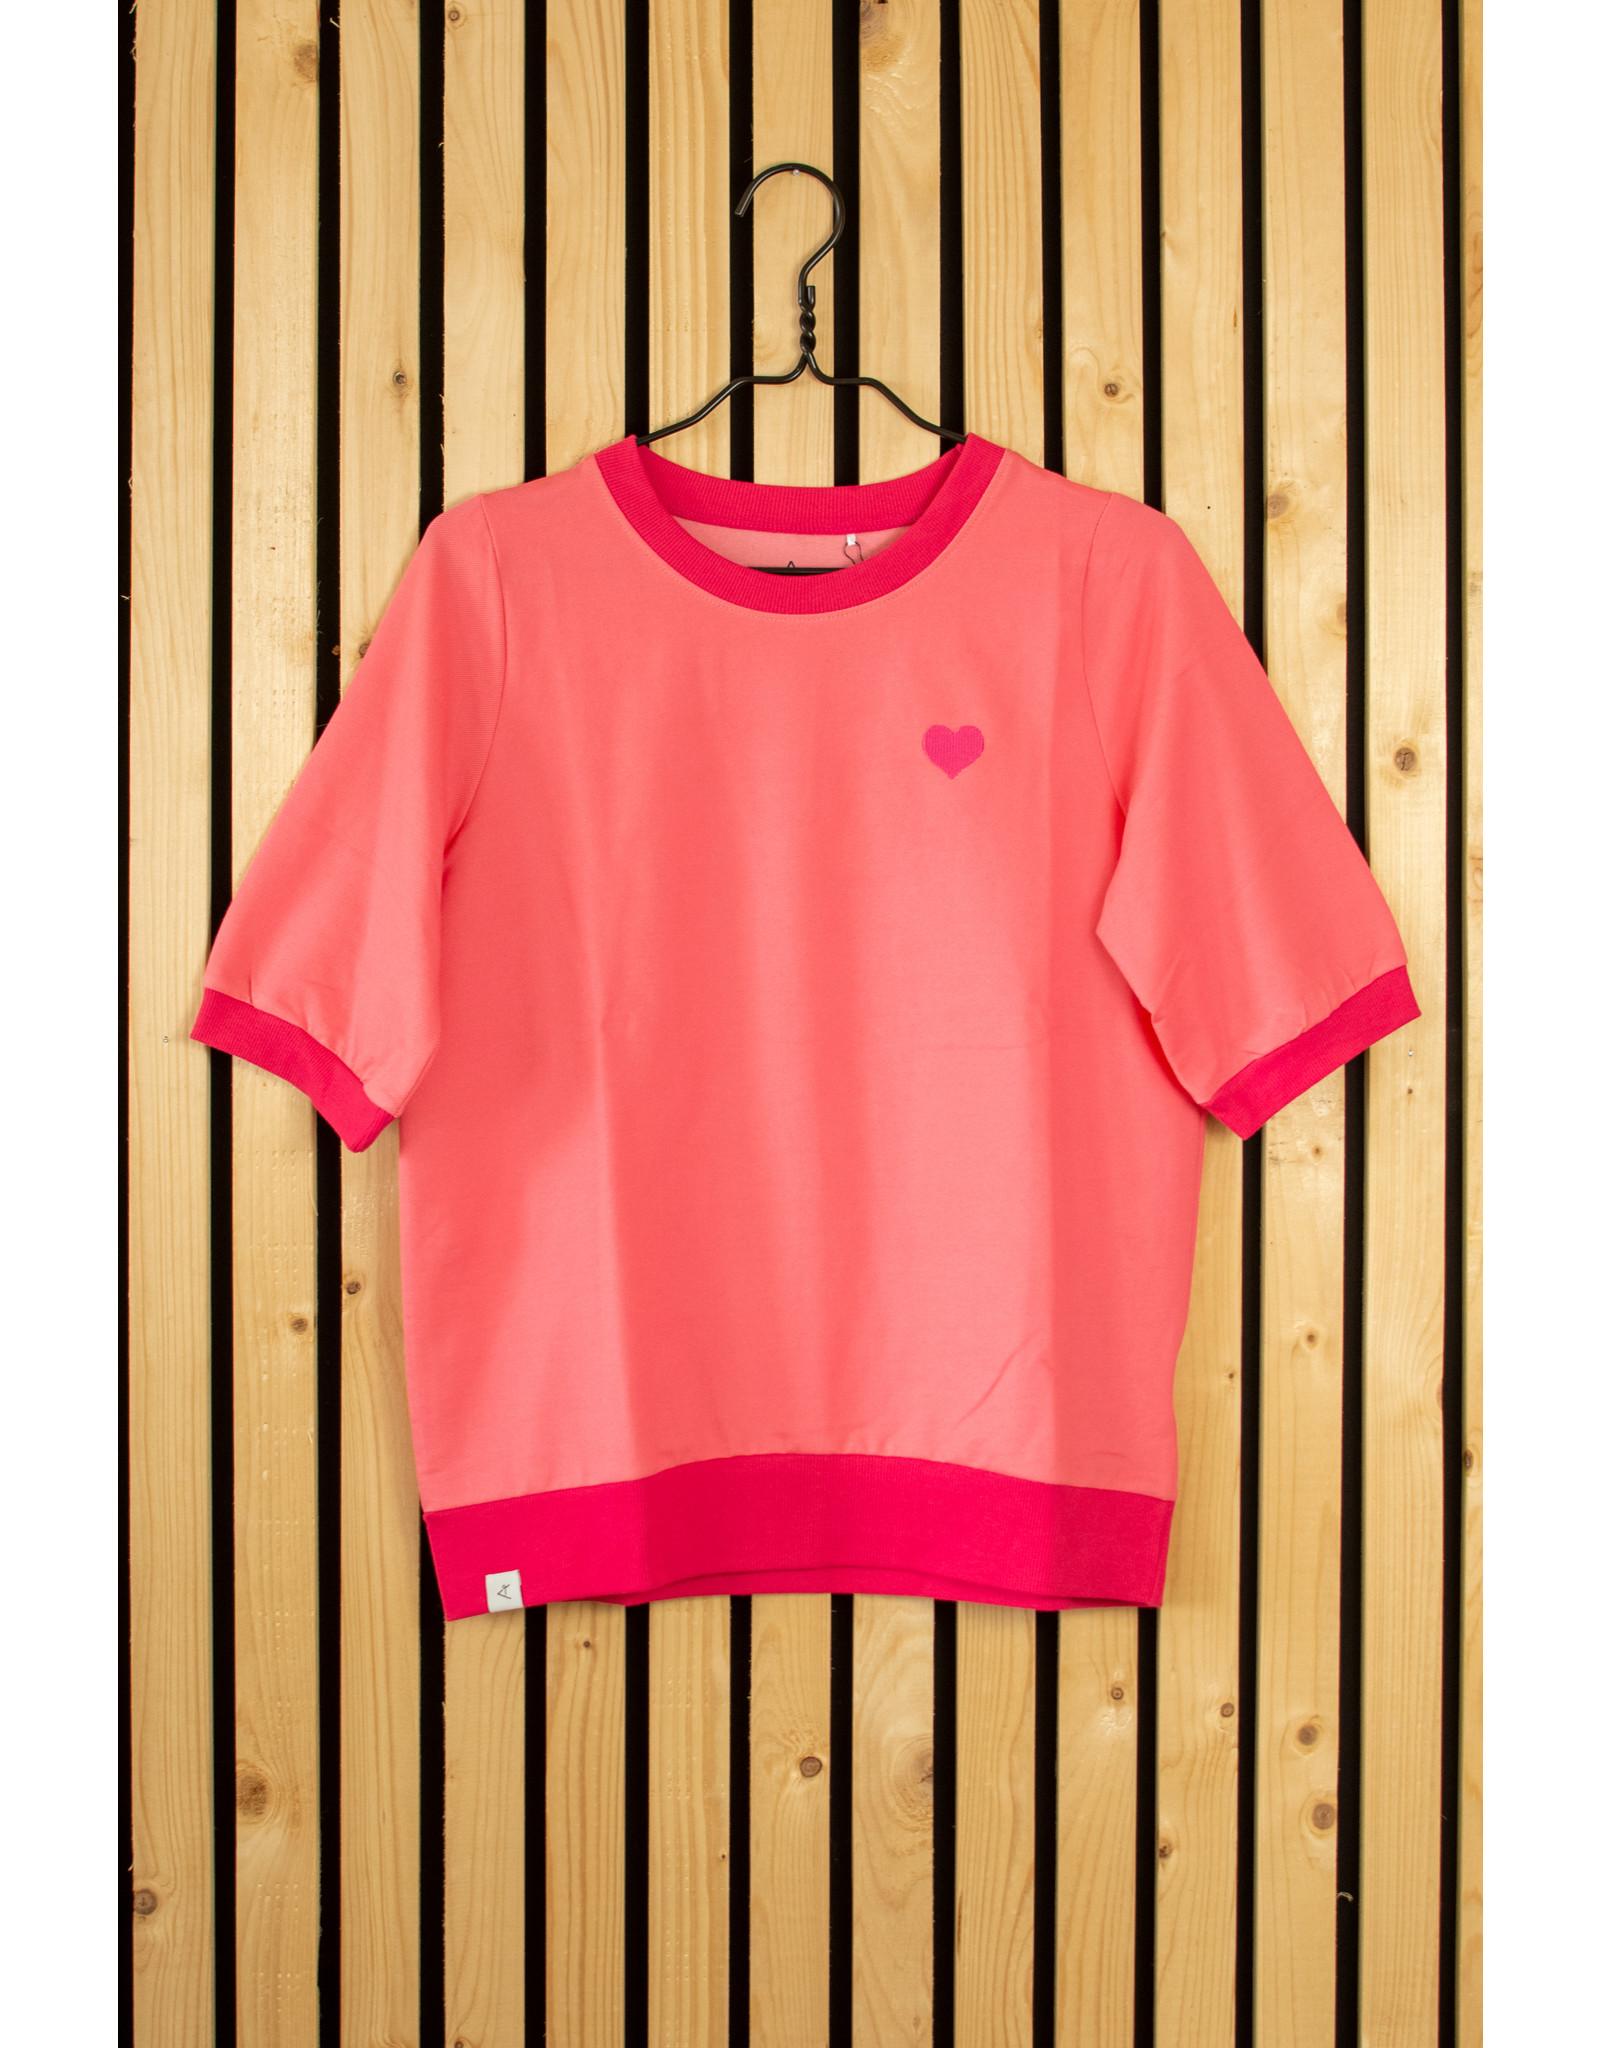 ALBA of Denmark VOLWASSENEN Roze t-shirt